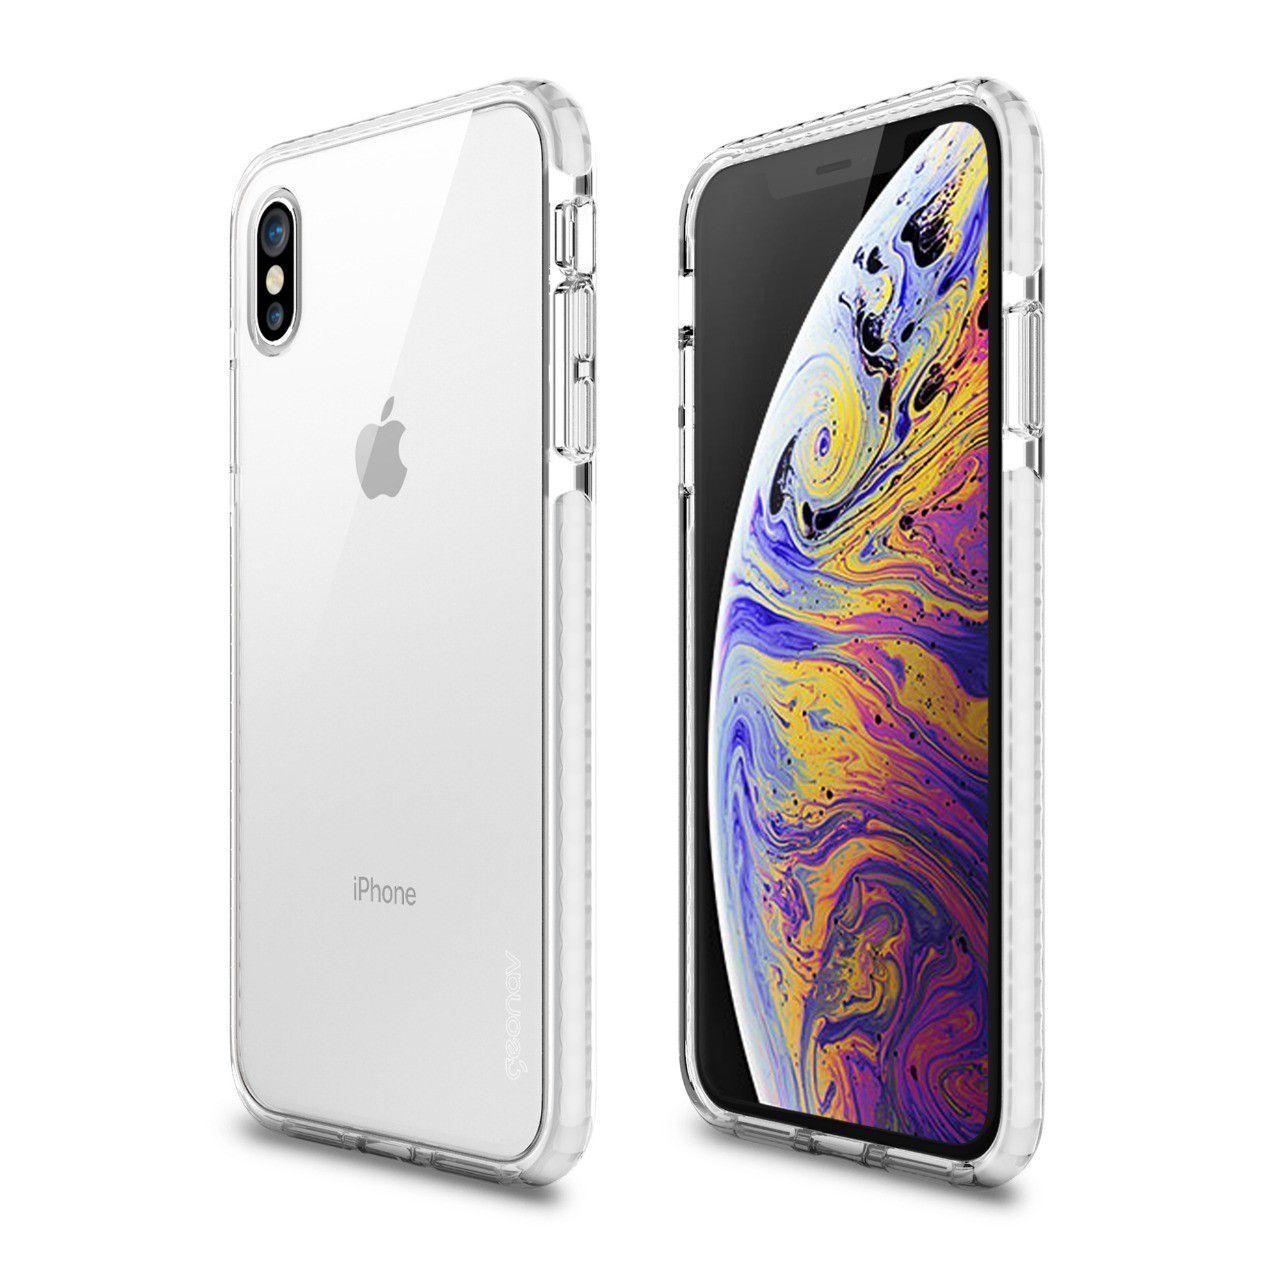 Capa Impact PRO X para Iphone XS MAX White - IPIXMW - Geonav